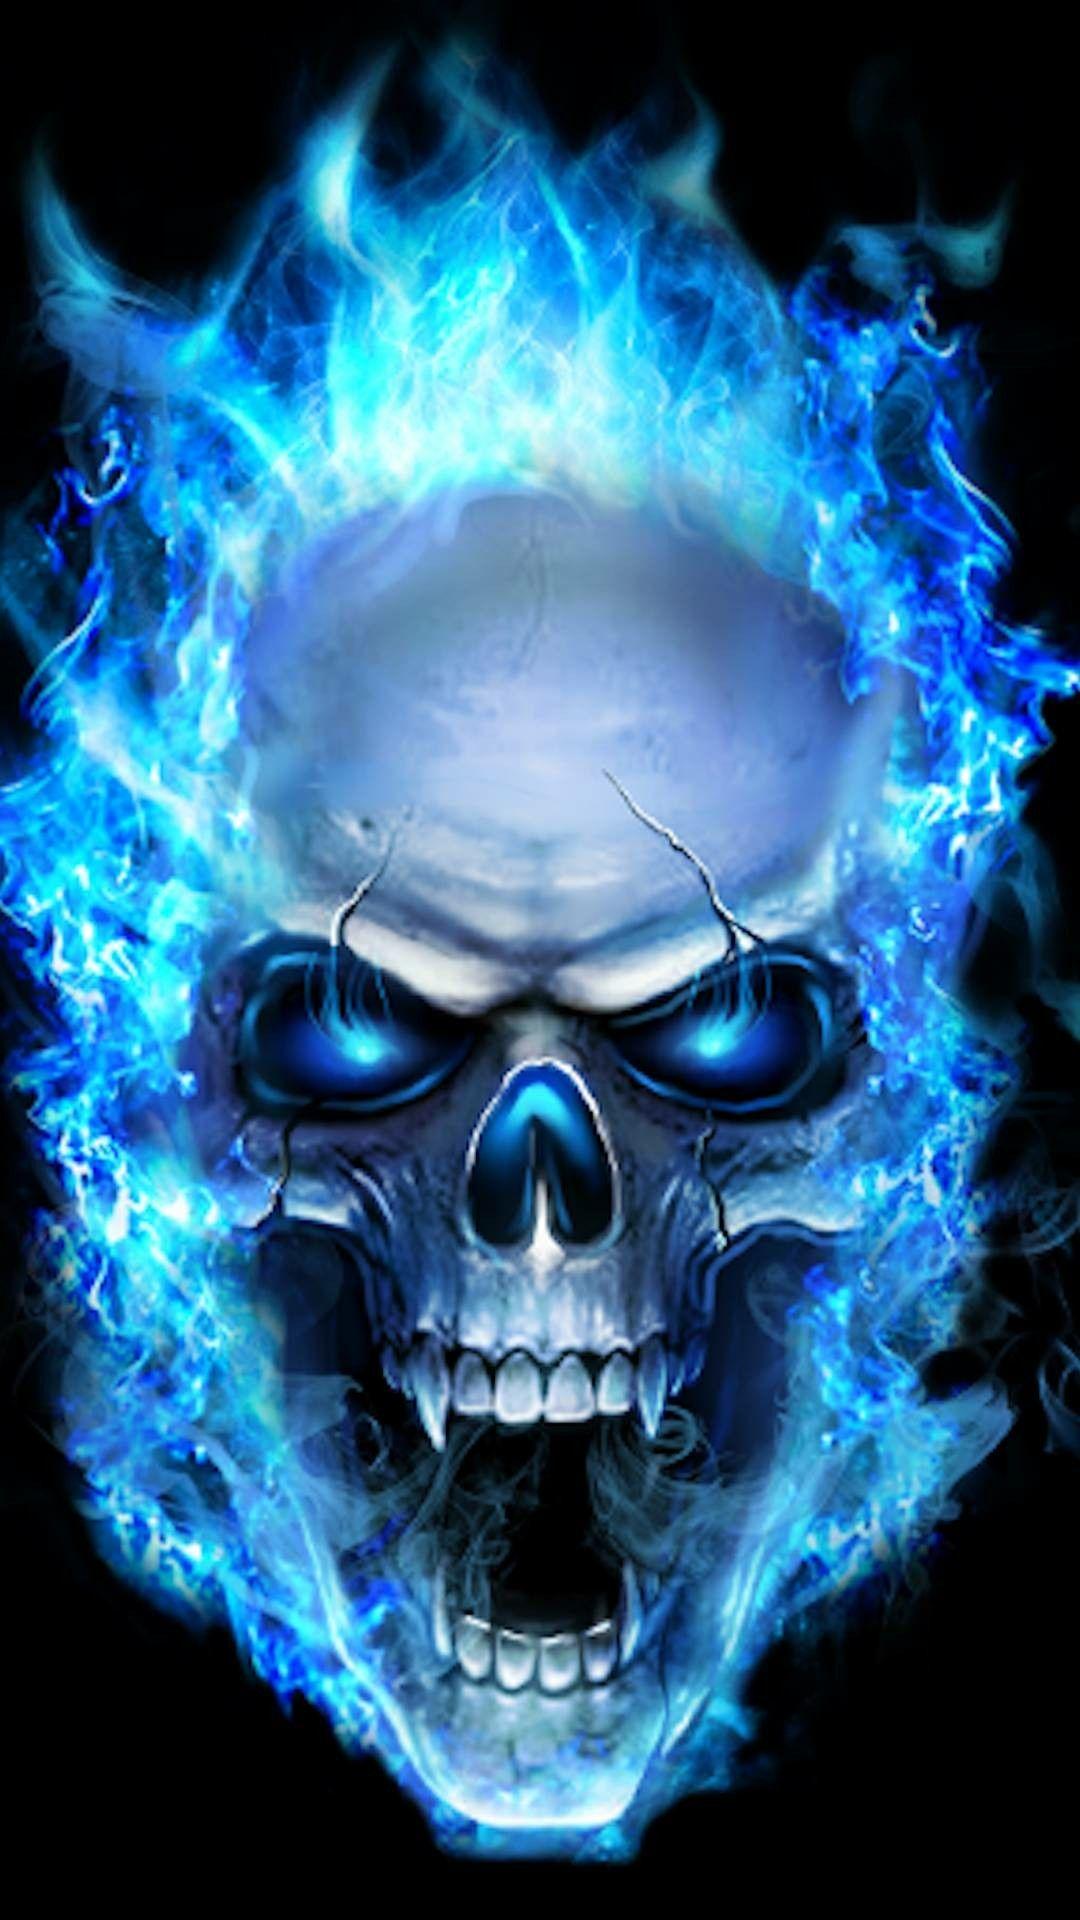 Blue Flame Skull Skull Wallpaper Sugar Skull Wallpaper Skull Artwork